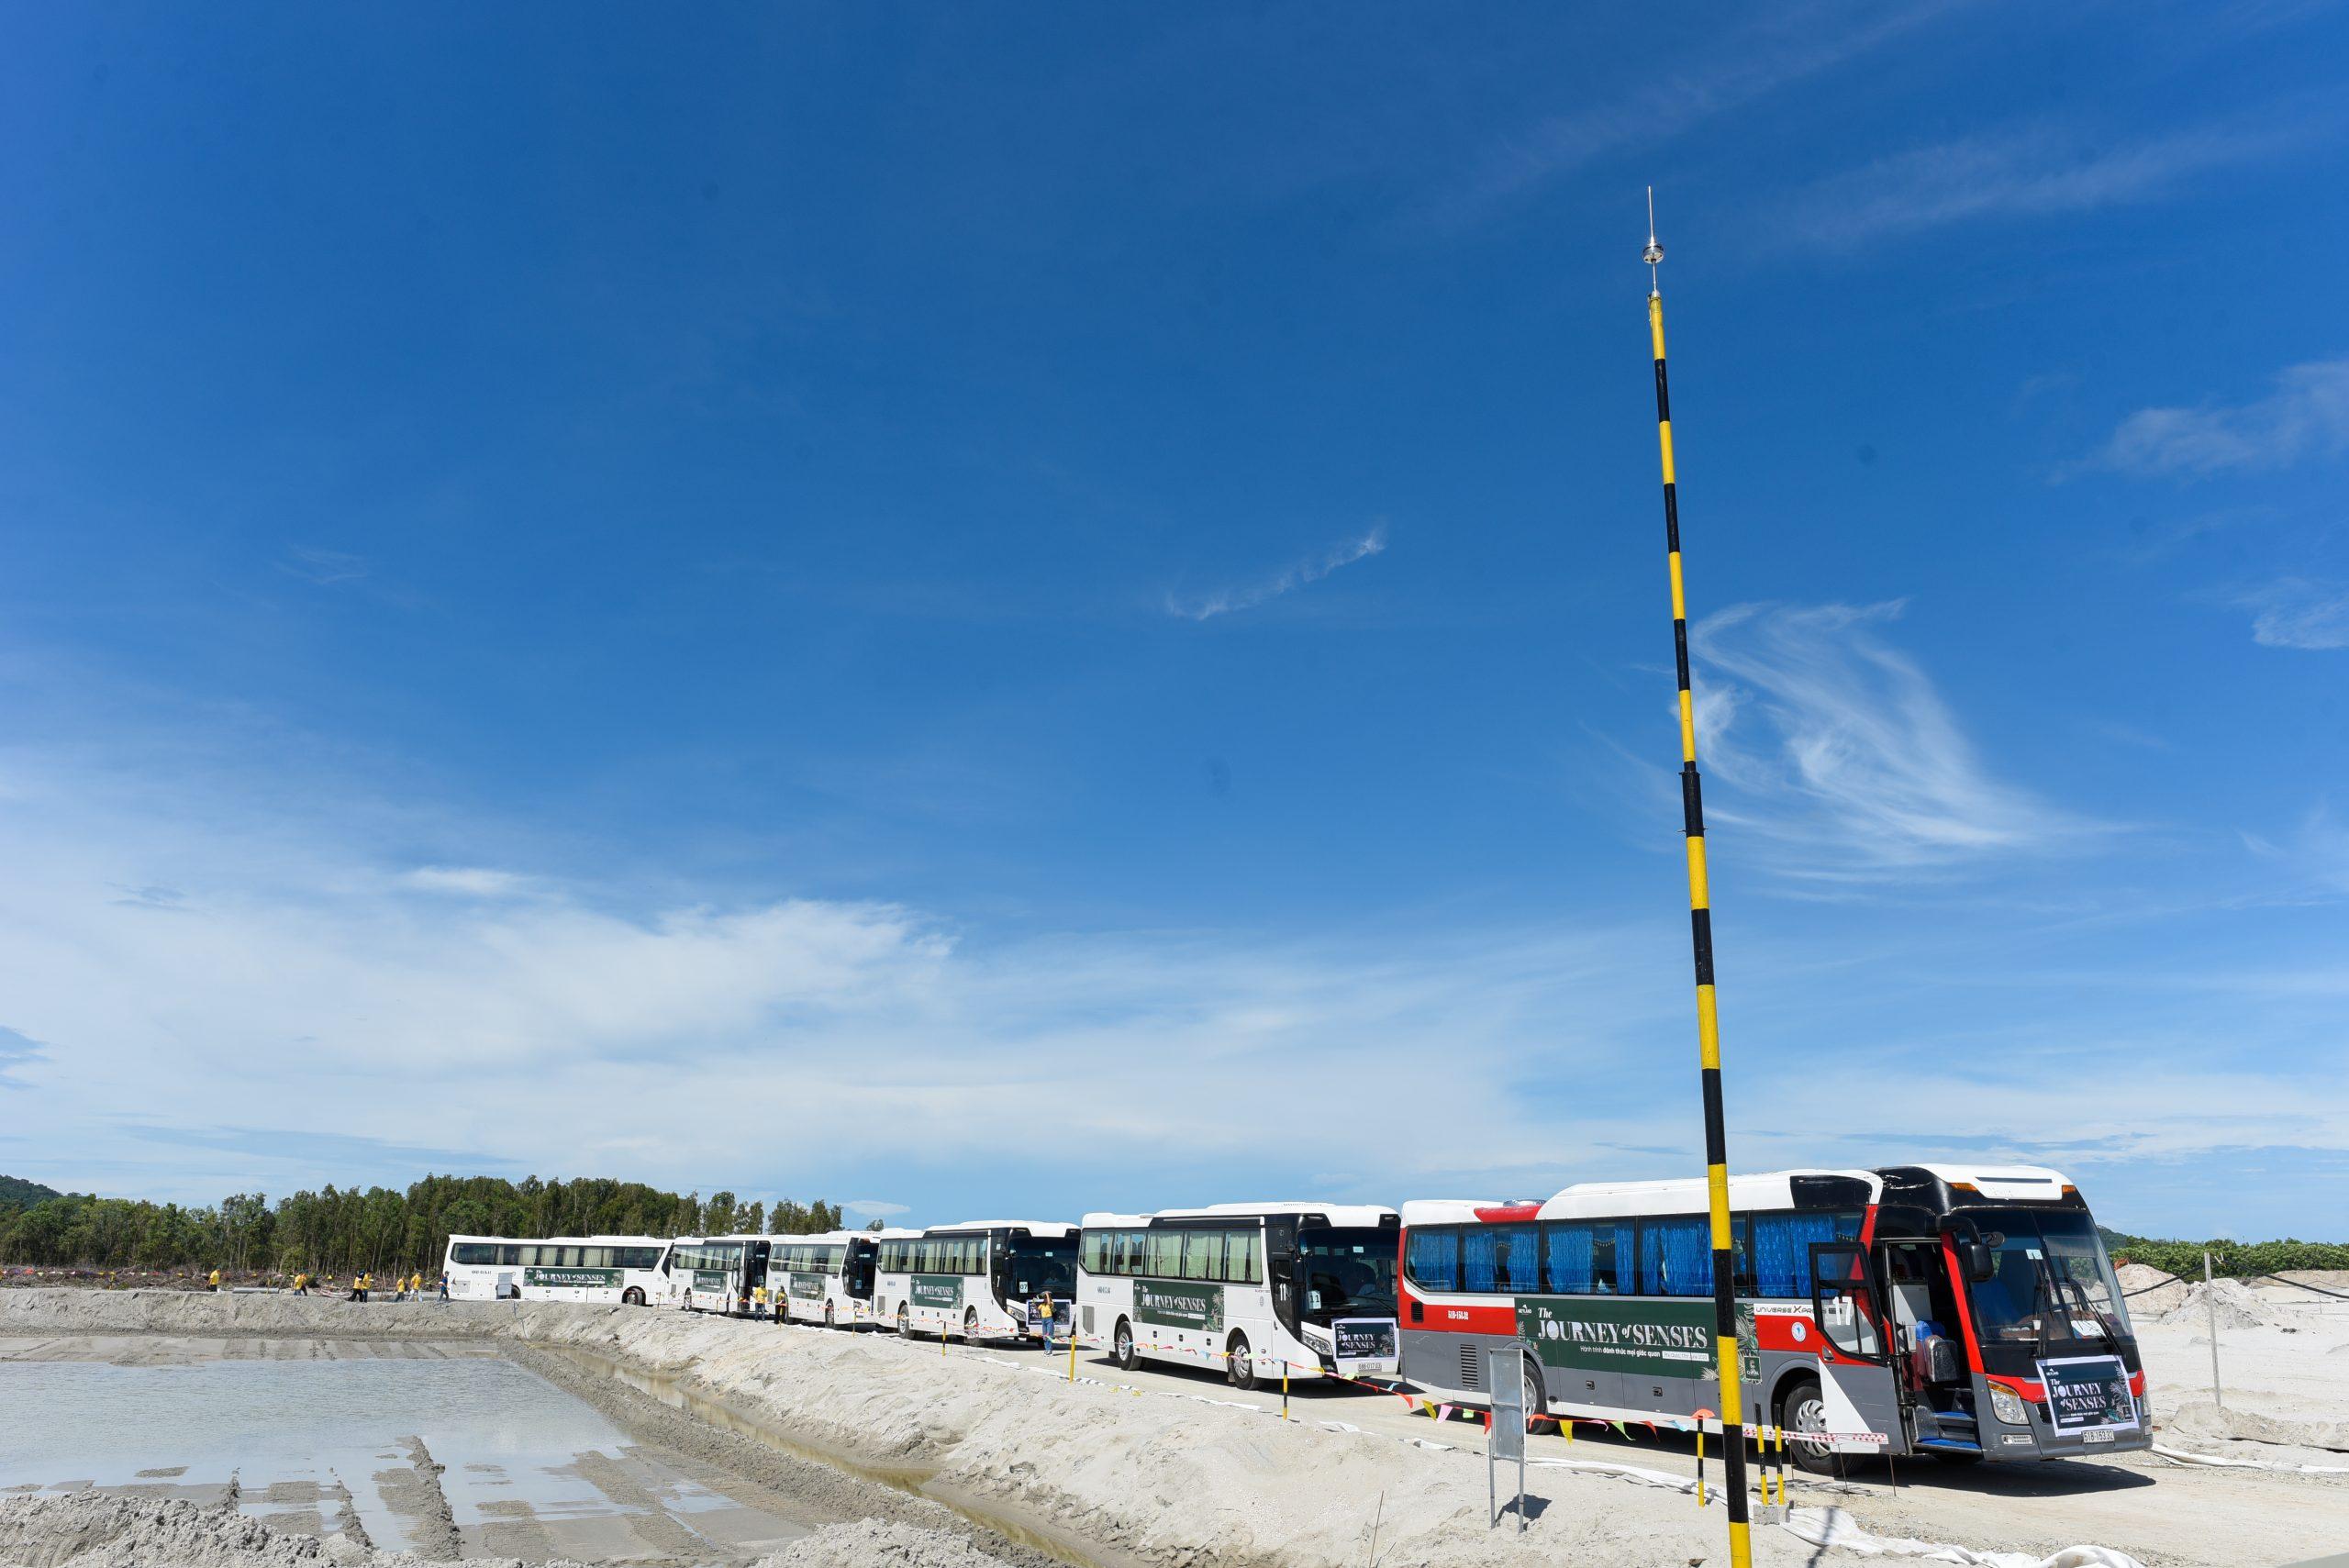 NTT2113 scaled